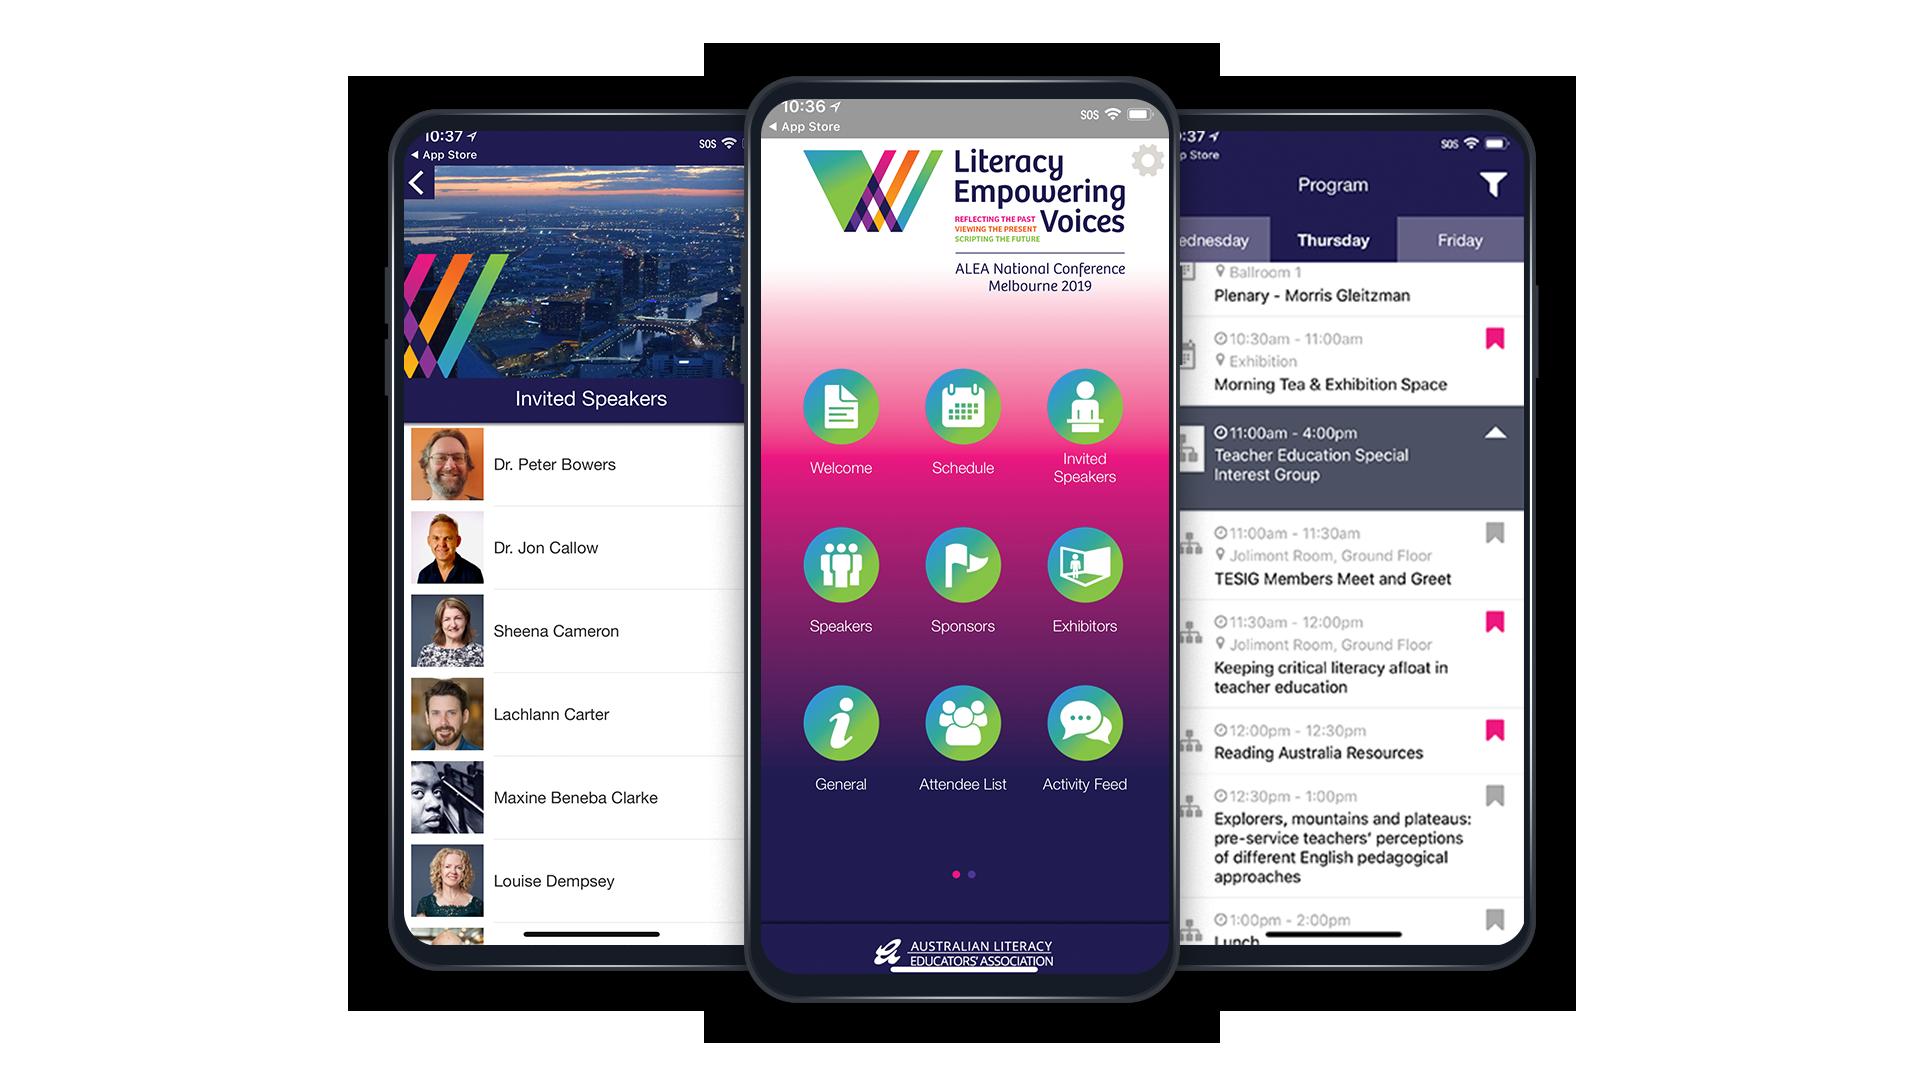 alea event app